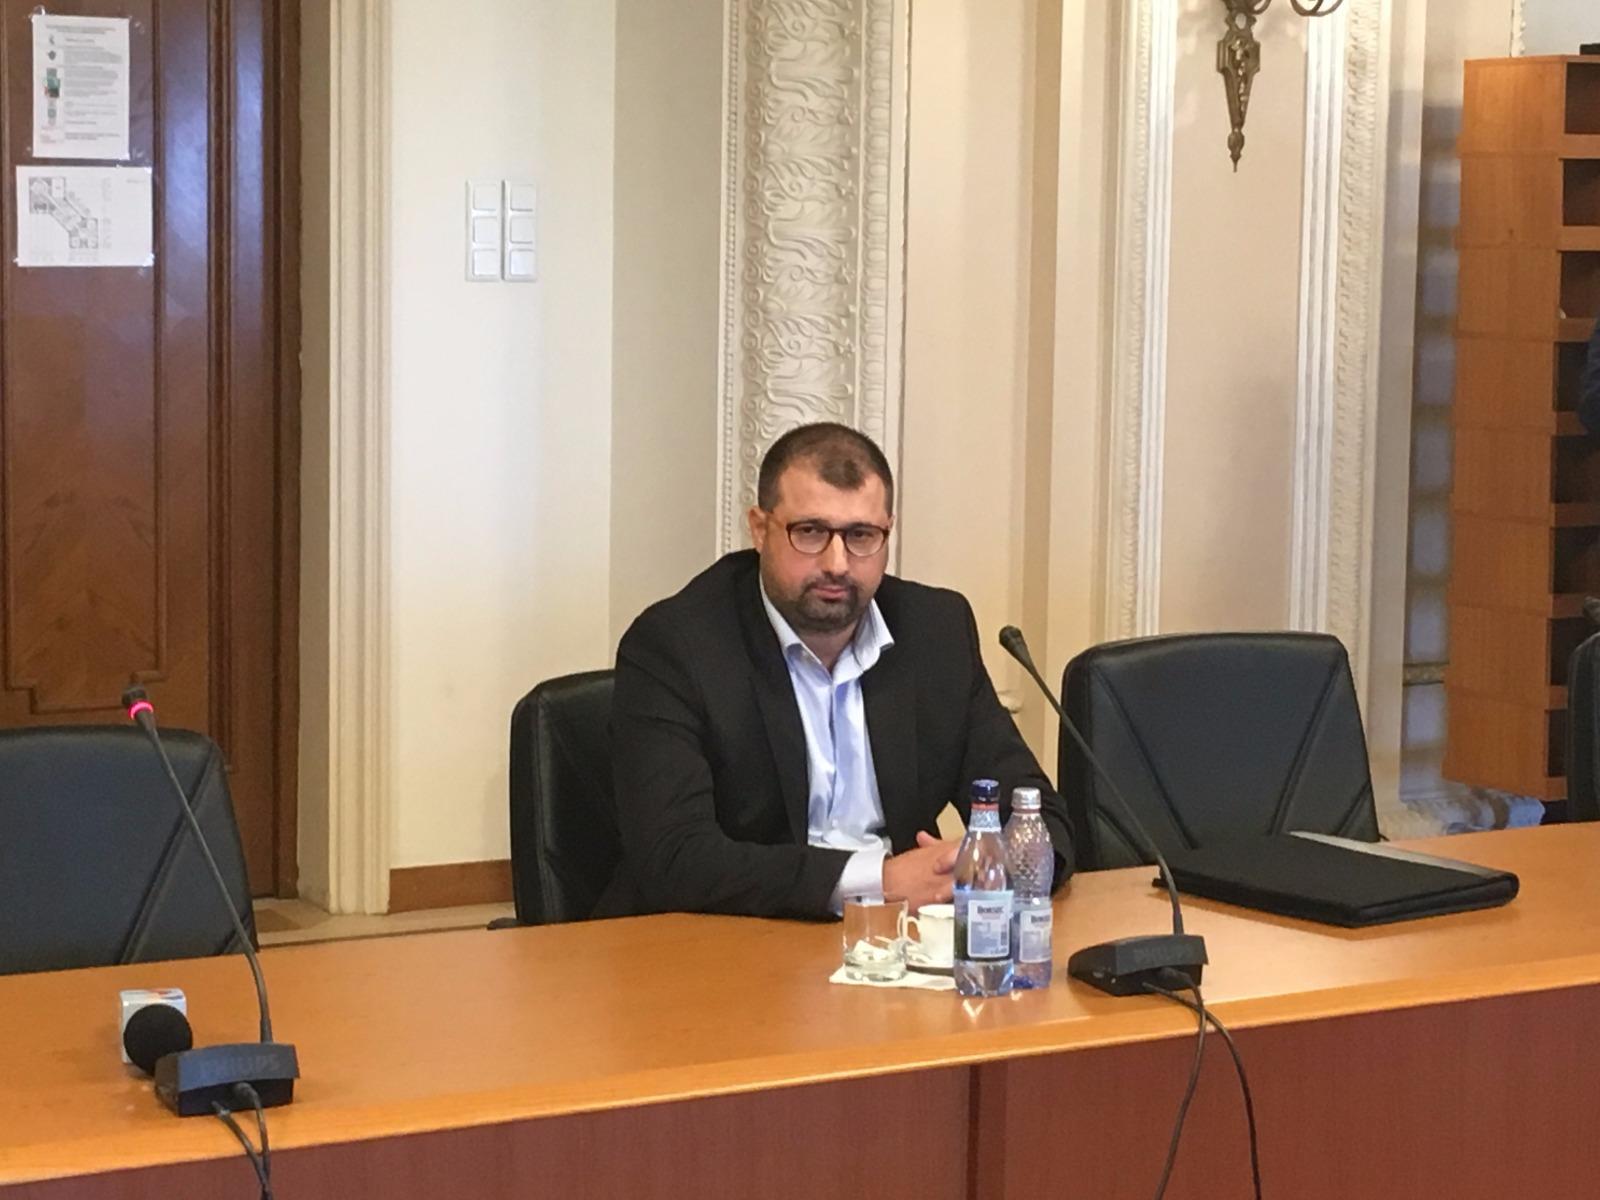 Comisia SRI îl audiază astăzi pe fostul ofiţer Daniel Dragomir. Elena Udrea a fost invitată joi